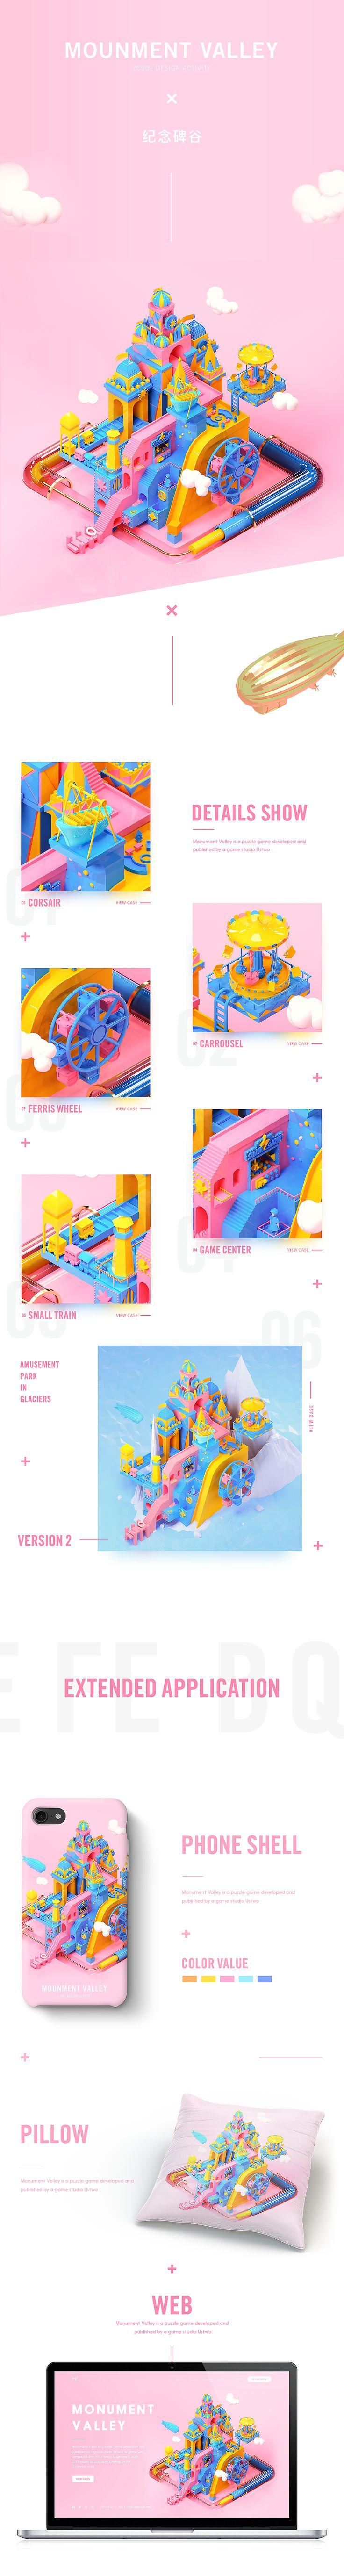 纪念碑谷-游乐园|插画|商业插画|MK菌丶 - 原创作品 - 站酷 (ZCOOL)